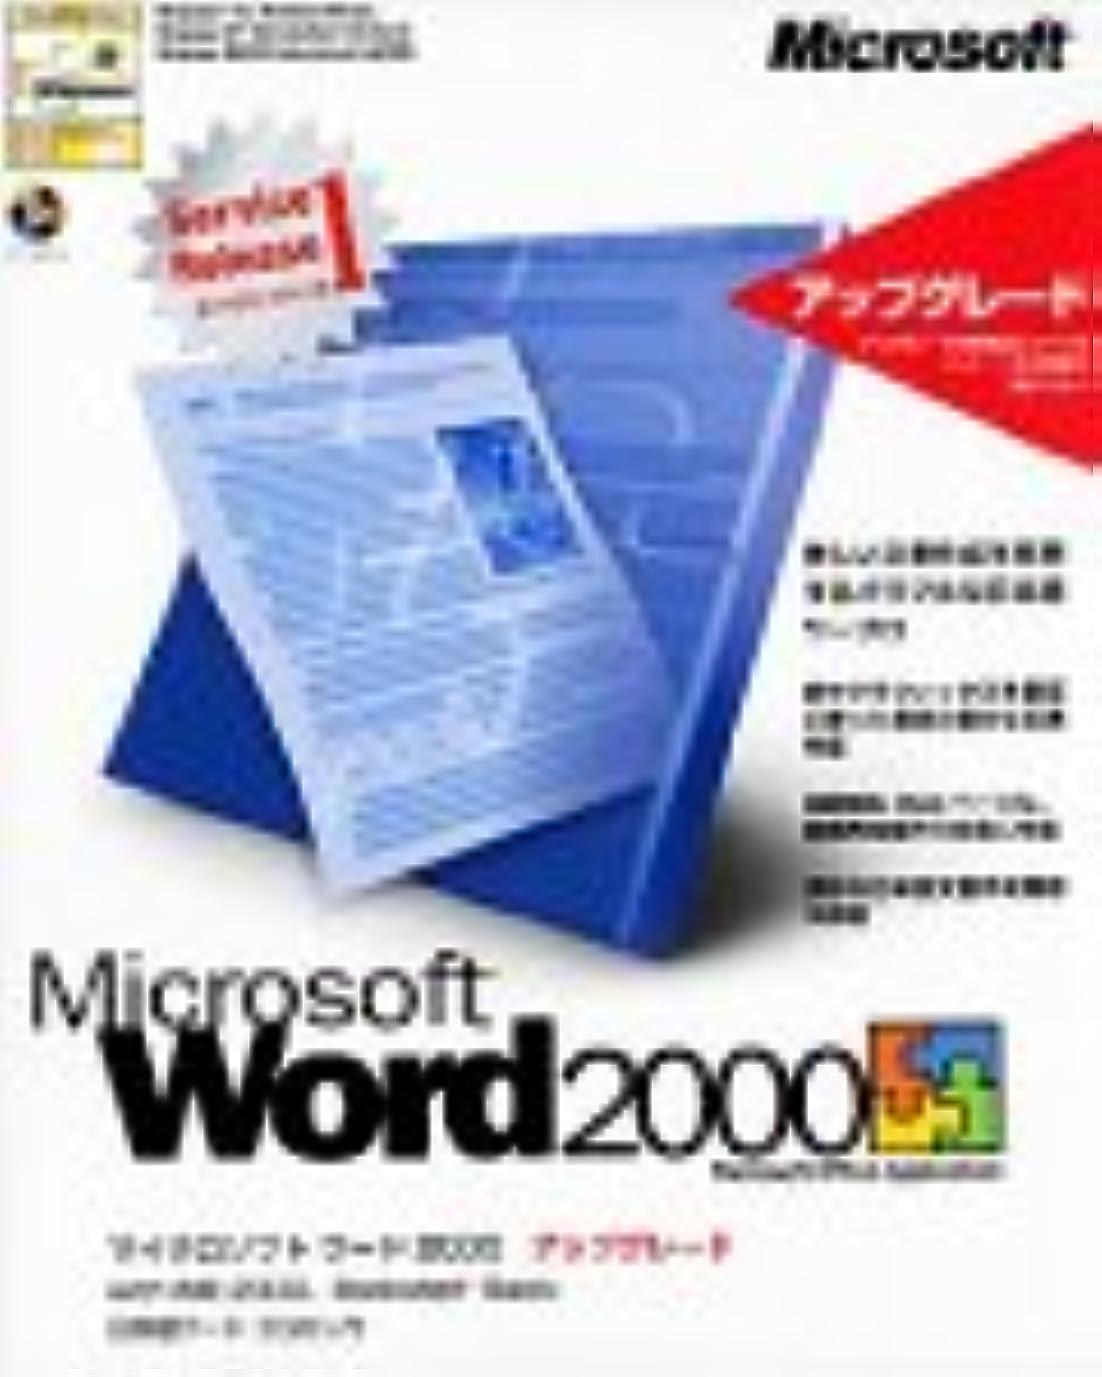 分割主観的許される【旧商品】Microsoft Word2000 with IME2000 Bookshelf Basic Service Release 1 アップグレード